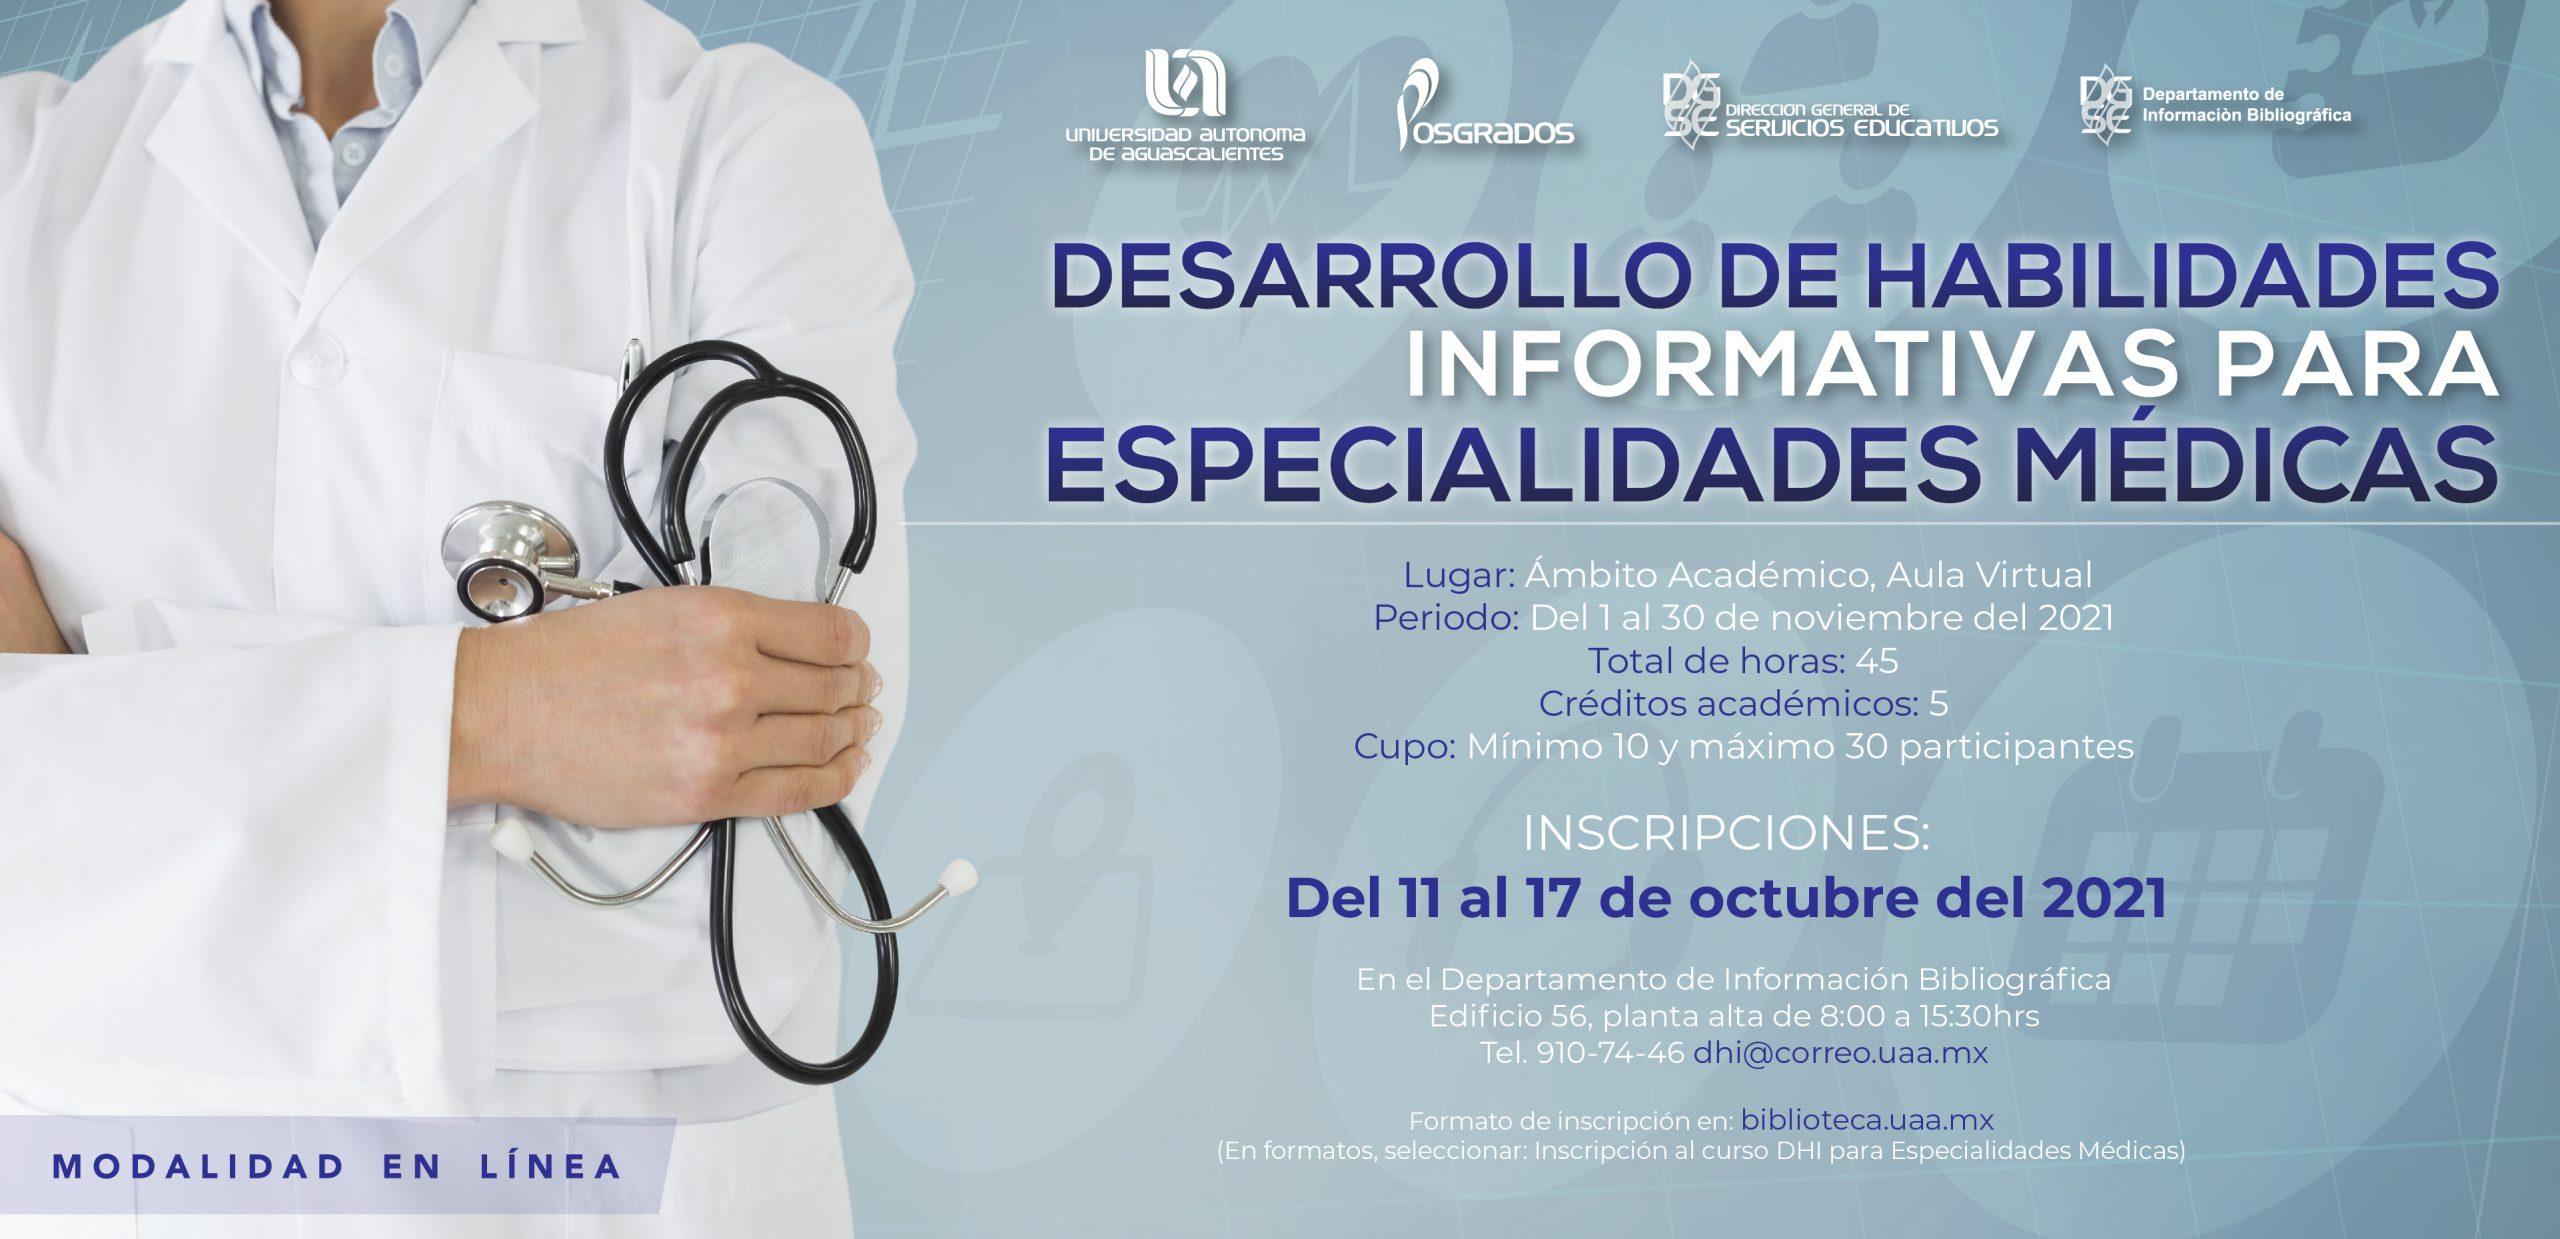 Curso DHI para Especialidades Médicas